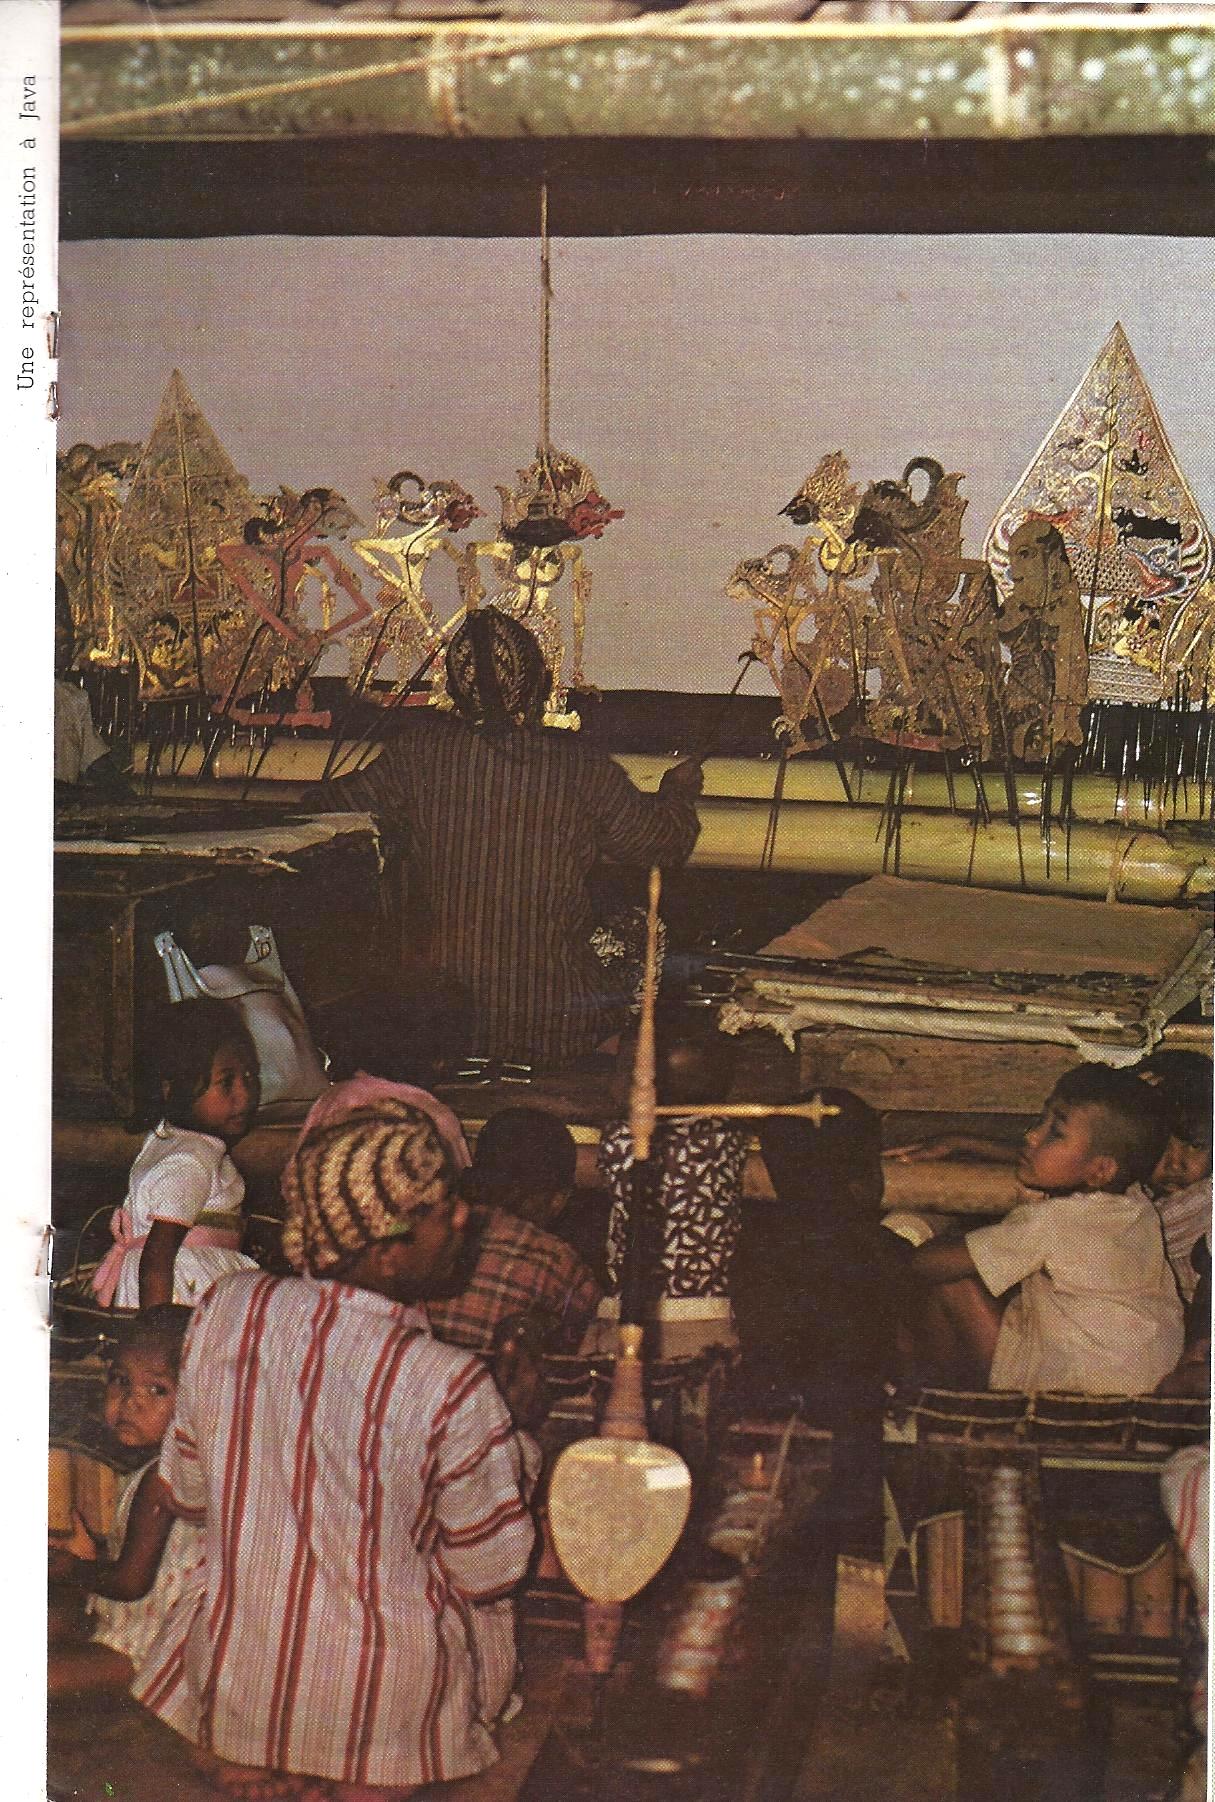 Le théâtre d'ombres à Java